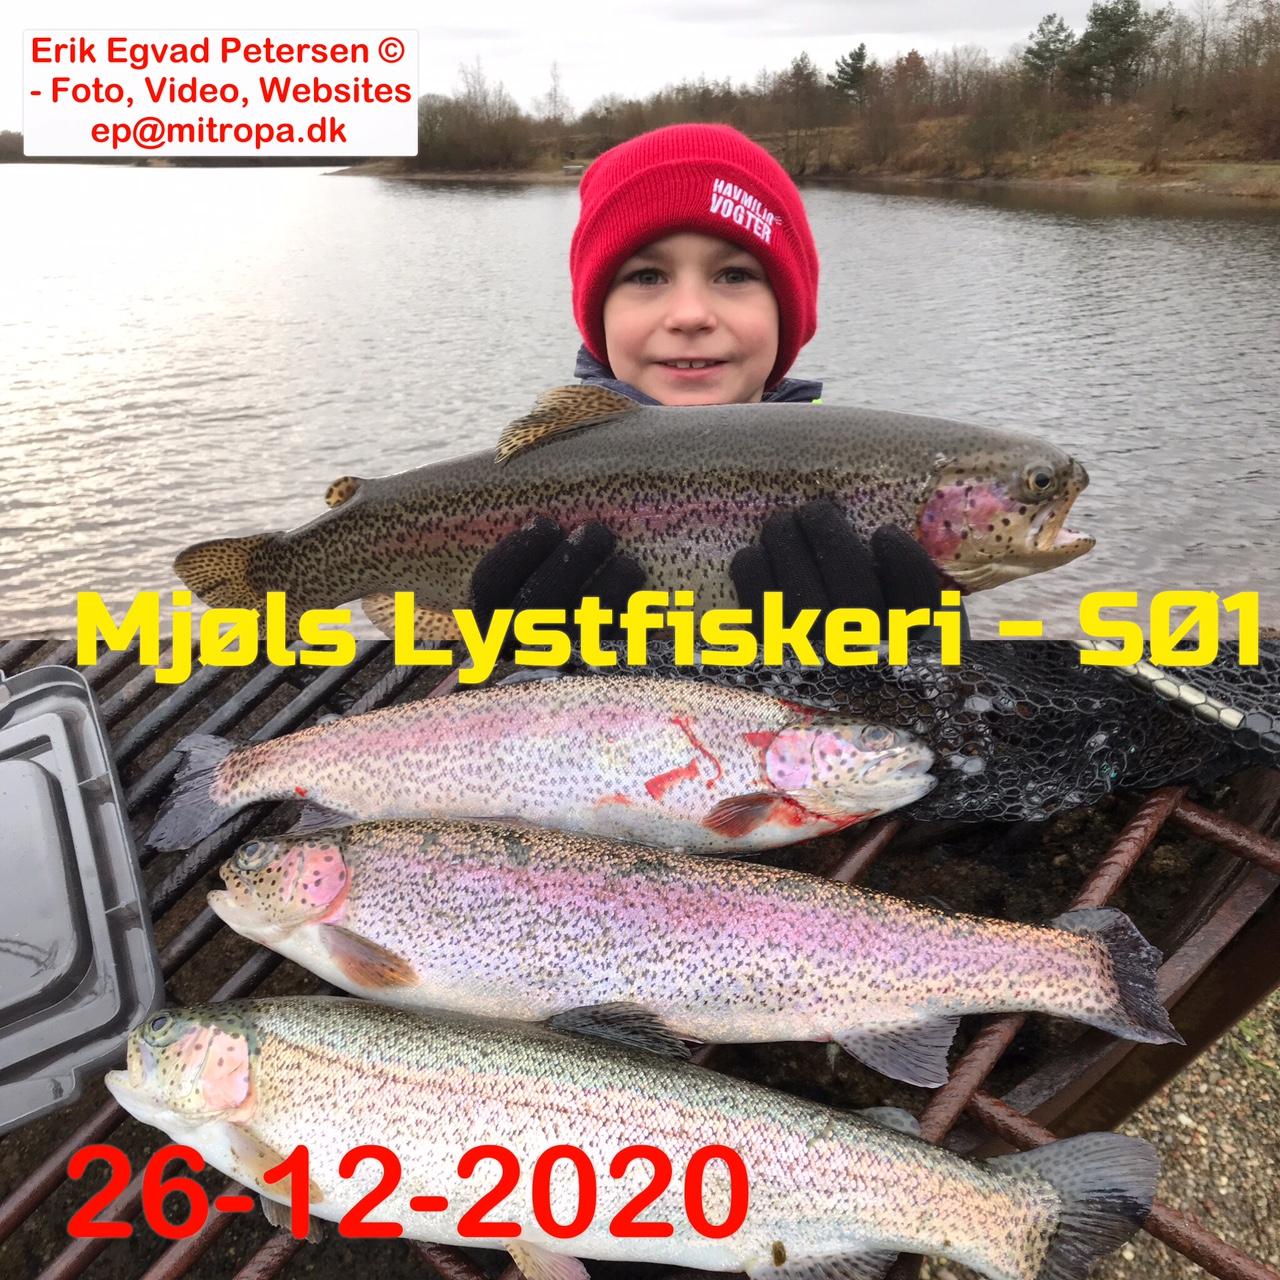 Mjøls Lystfiskeri: Frederik og hans far fik fisk i første kast